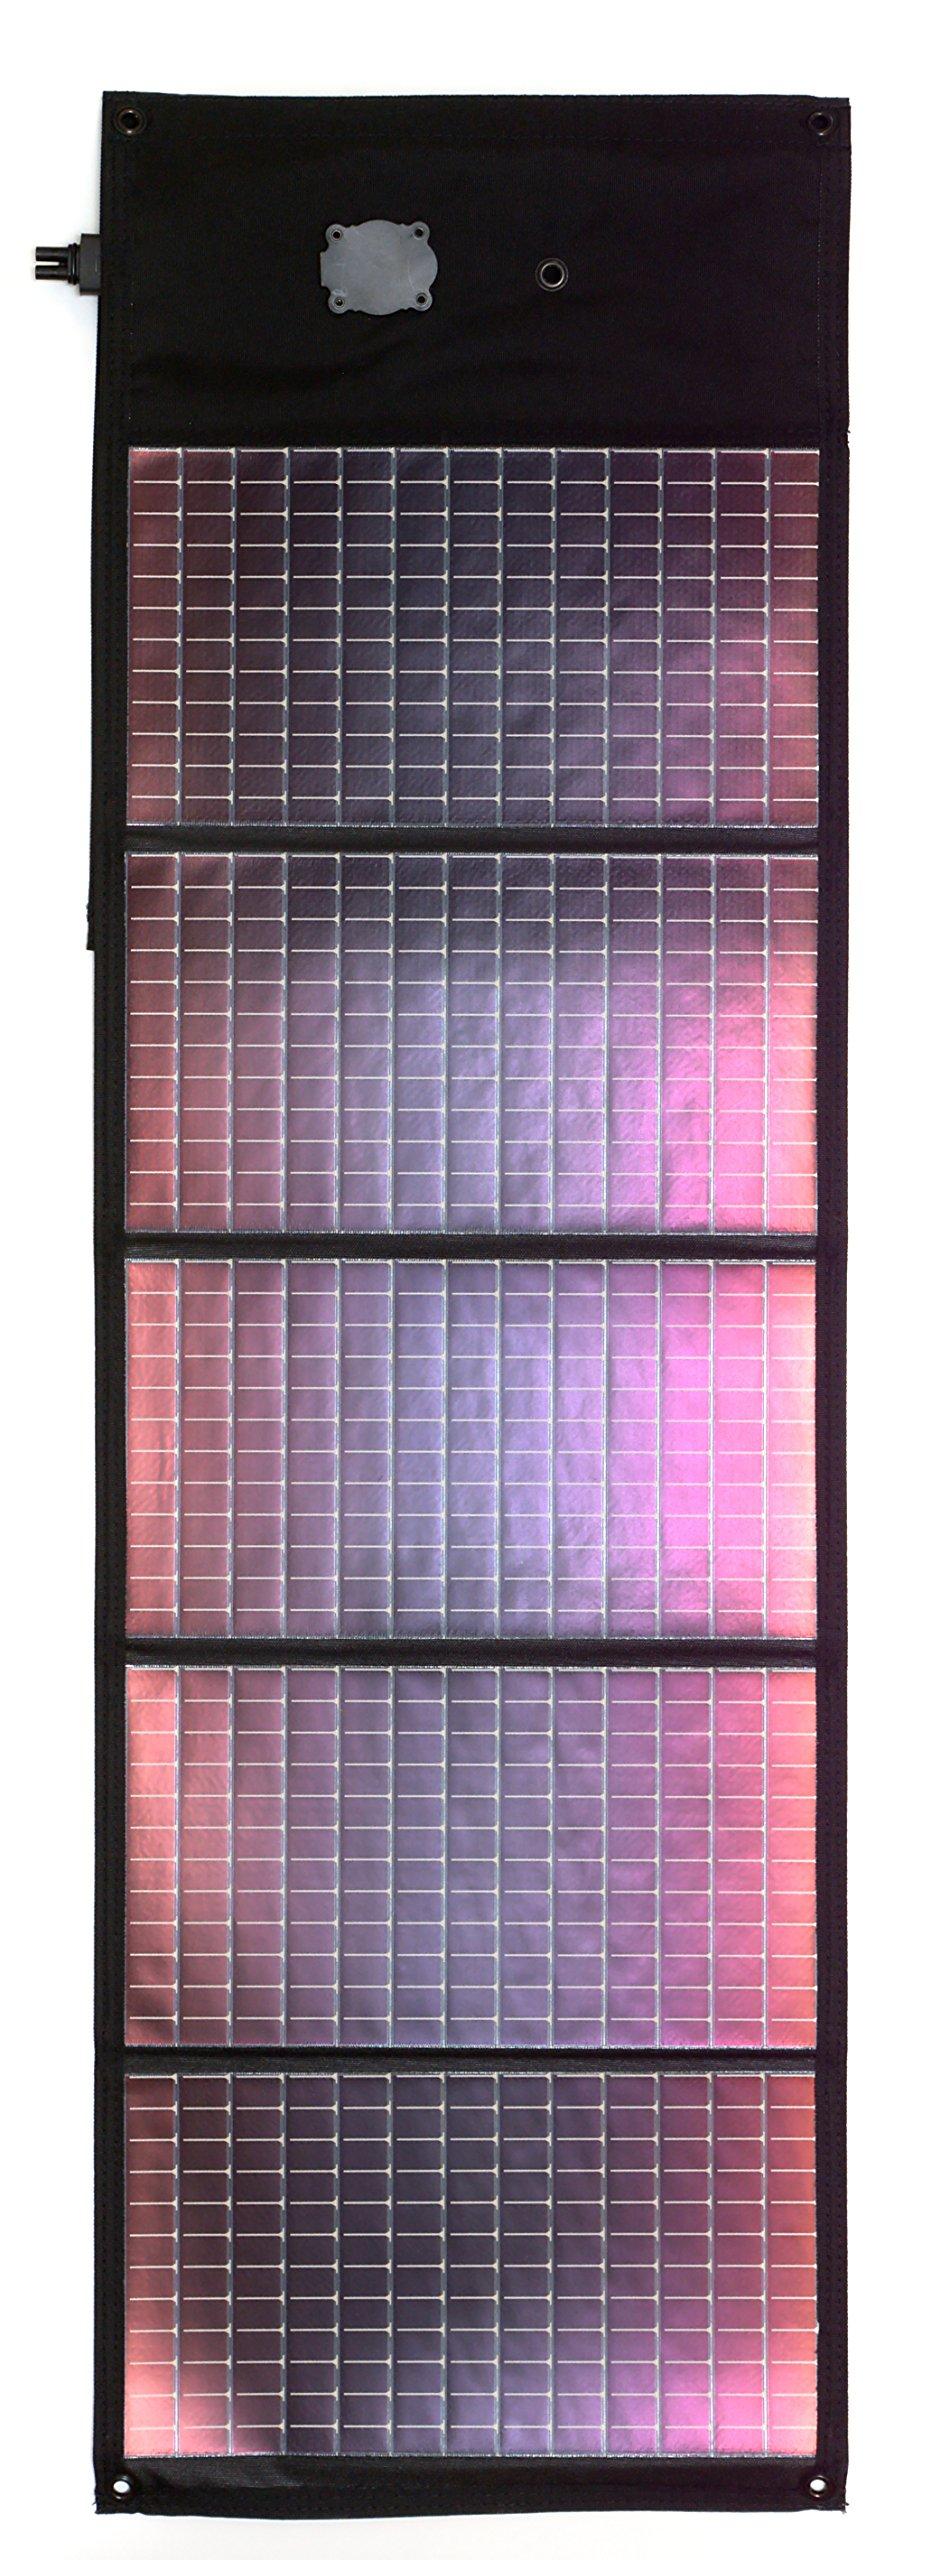 PF POWERFILM 12 Watt Foldable Solar Panel by PF POWERFILM (Image #2)